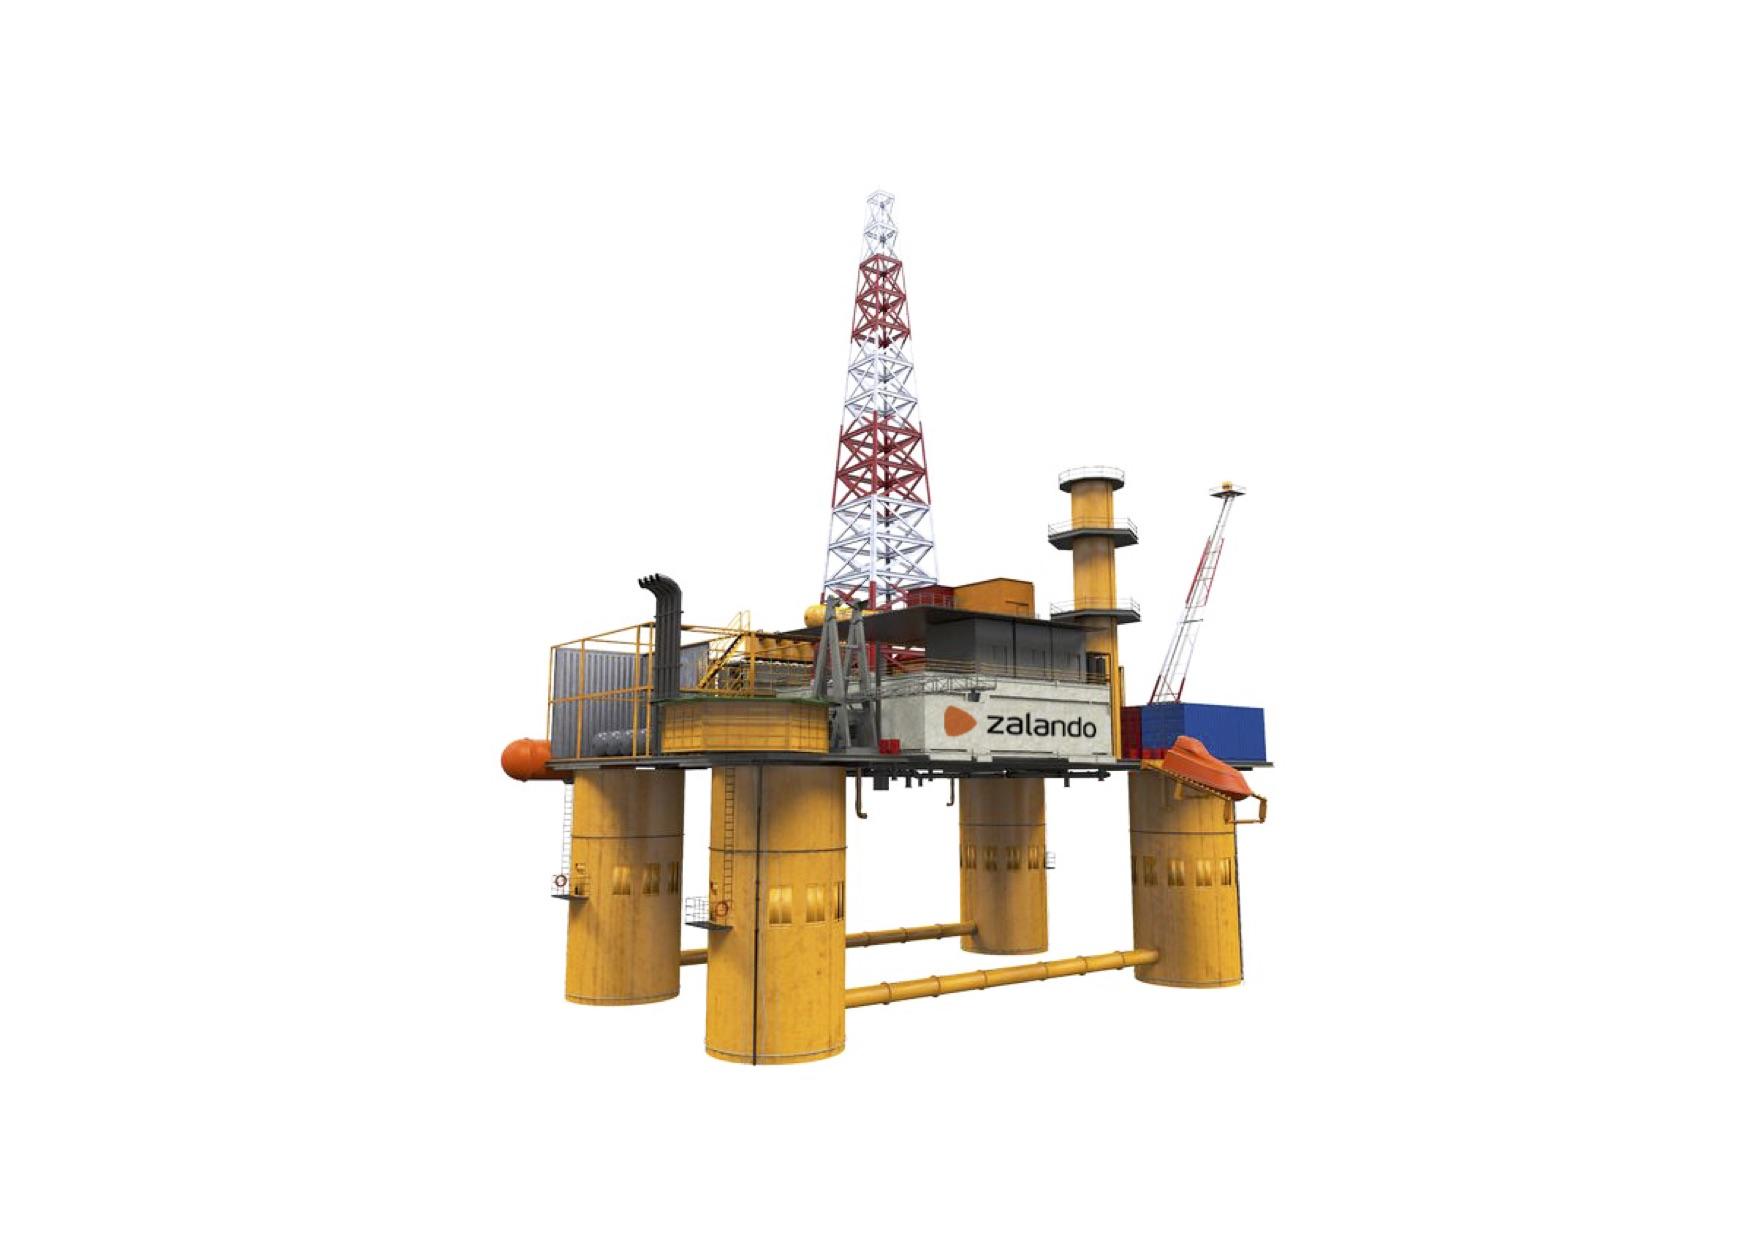 201313 zalando offshore 1200x630px.png 3f7d09 original 1459497904